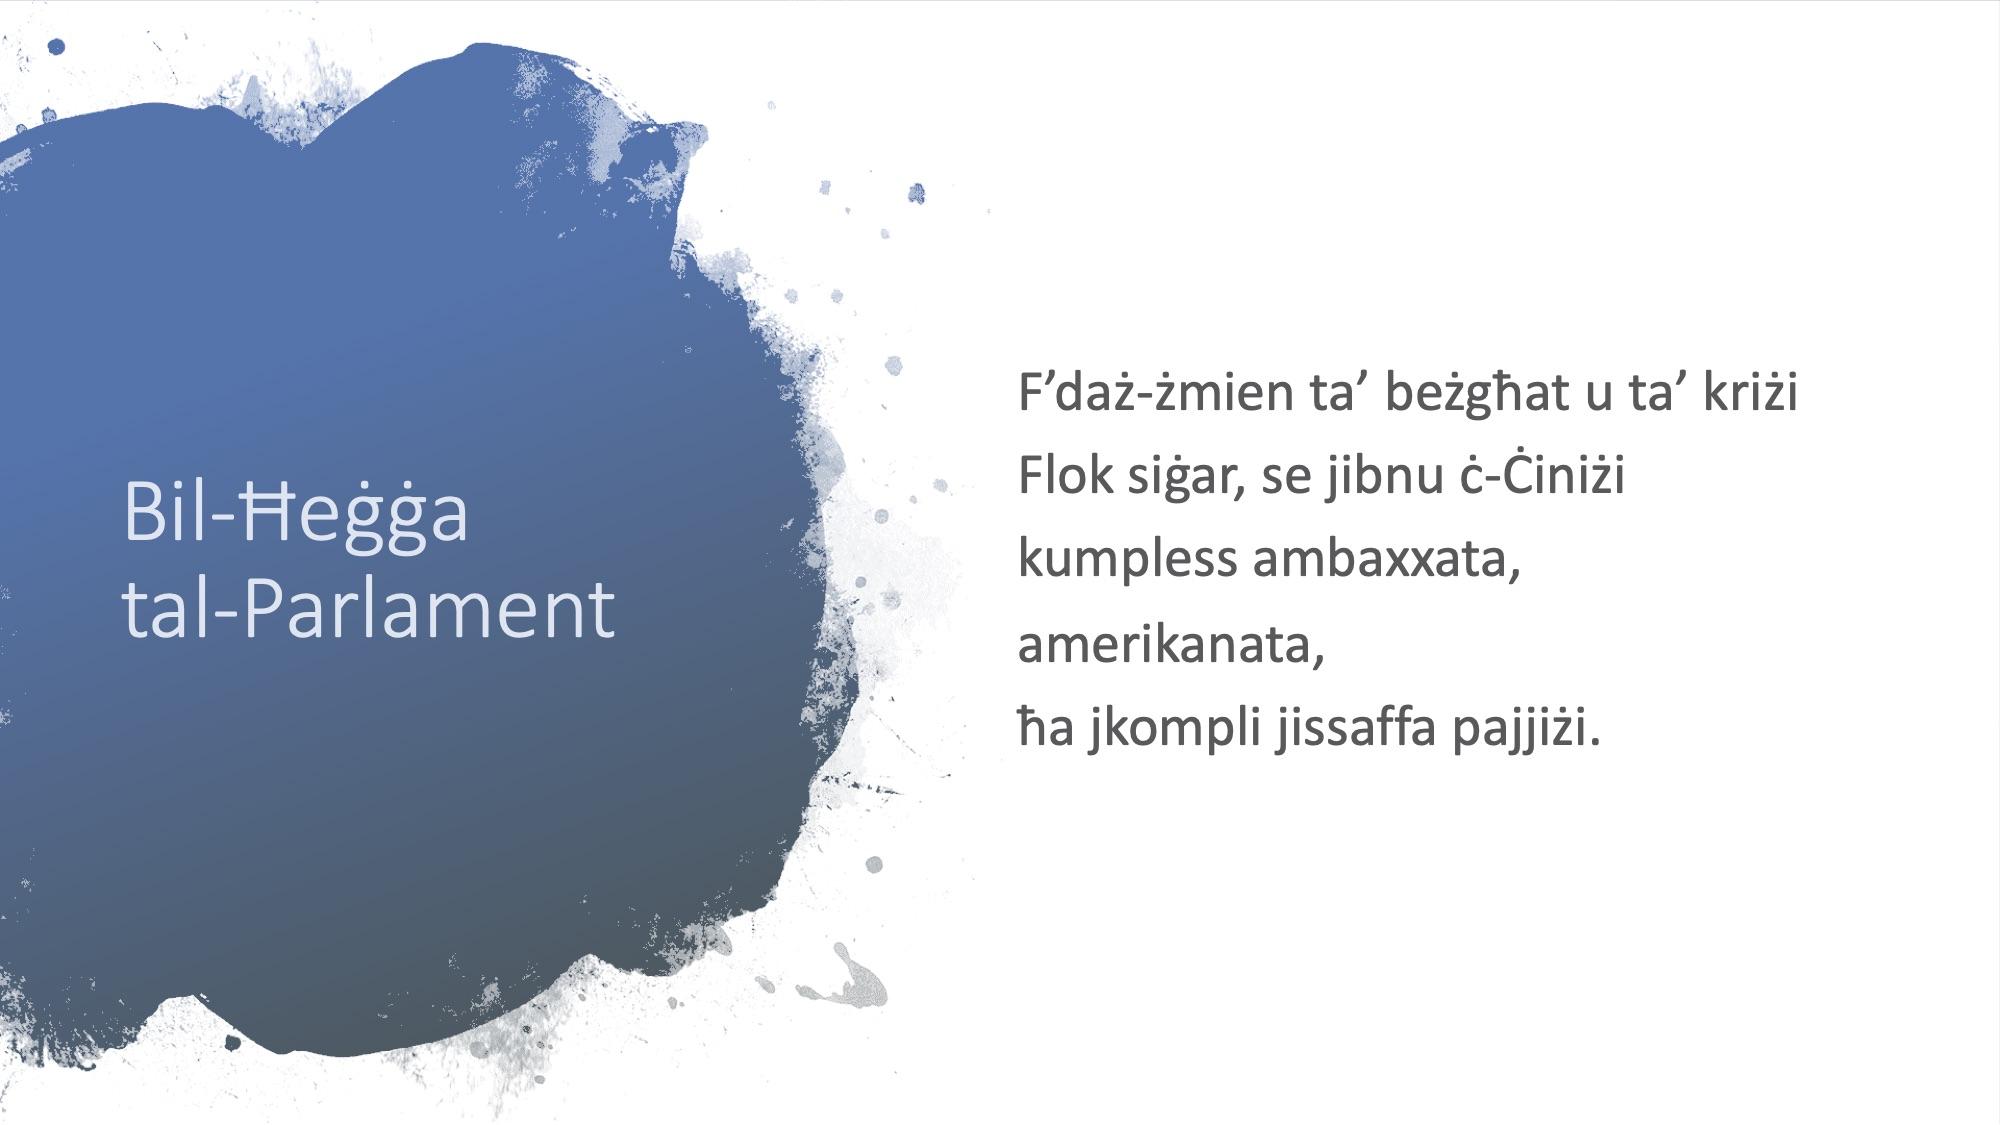 Il-Limerikki tal-Covid-19 - Bil-Ħeġġa tal-Parlament - 2